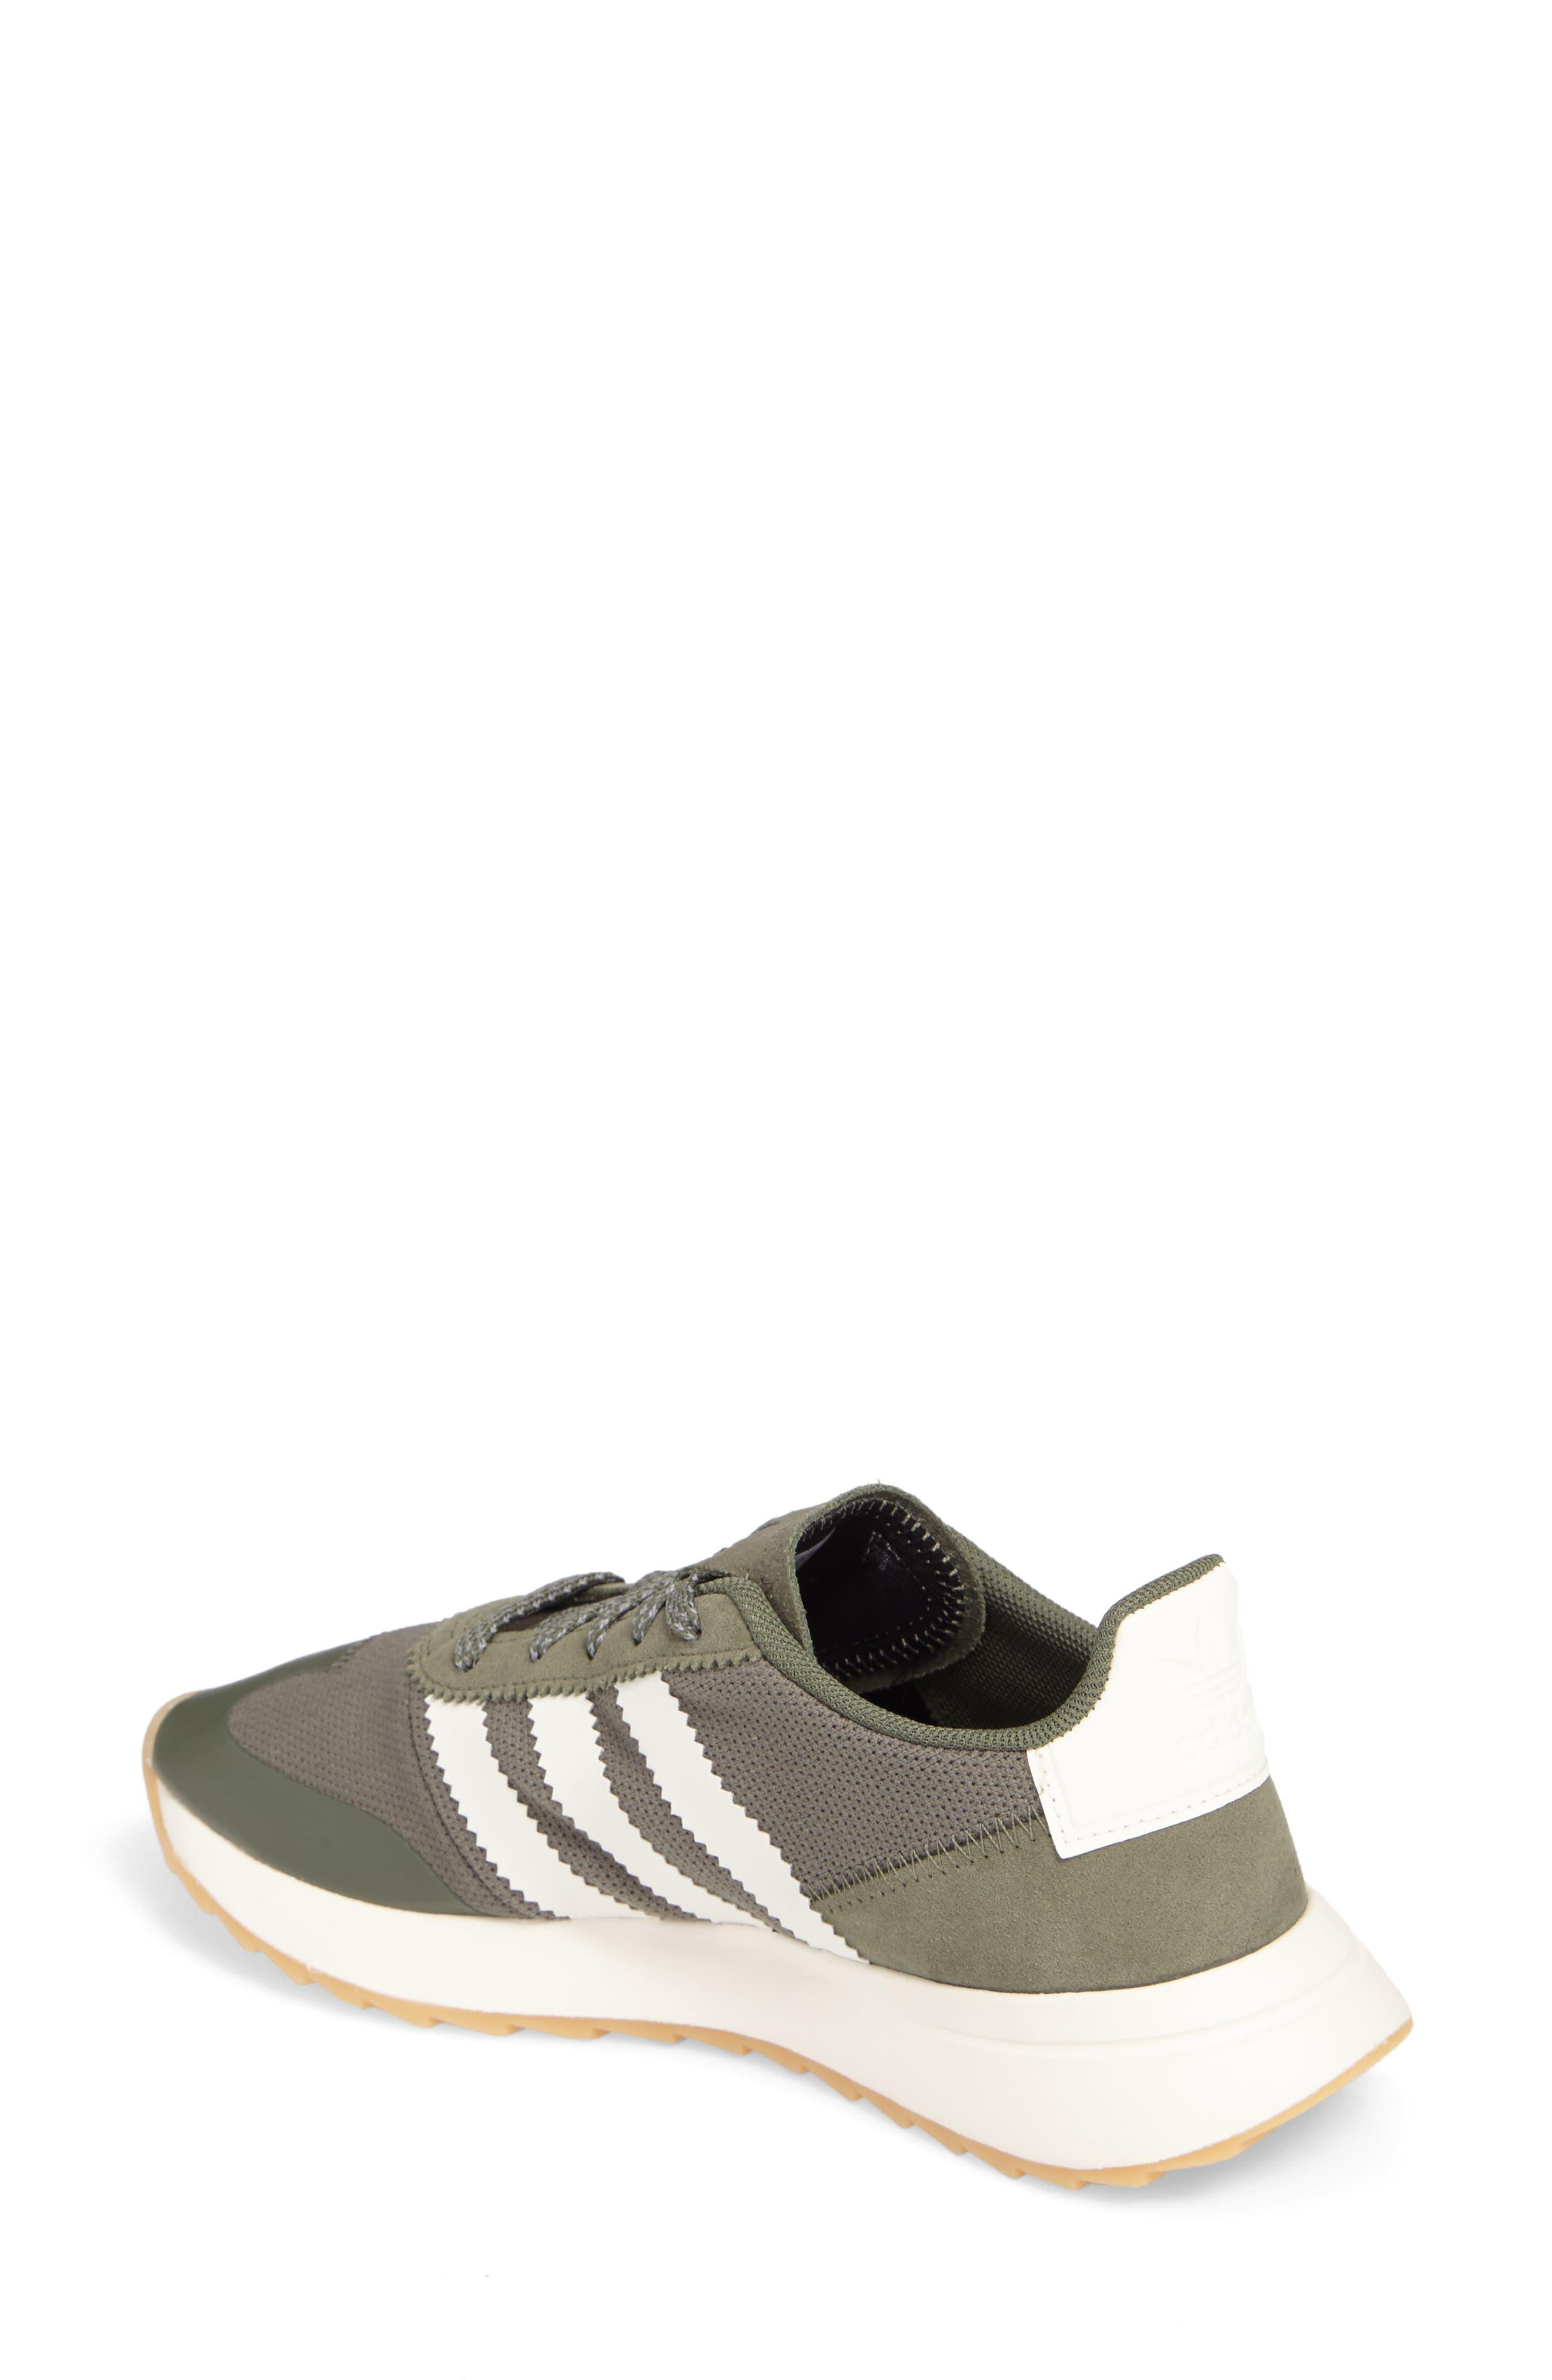 Flashback Sneaker,                             Alternate thumbnail 19, color,